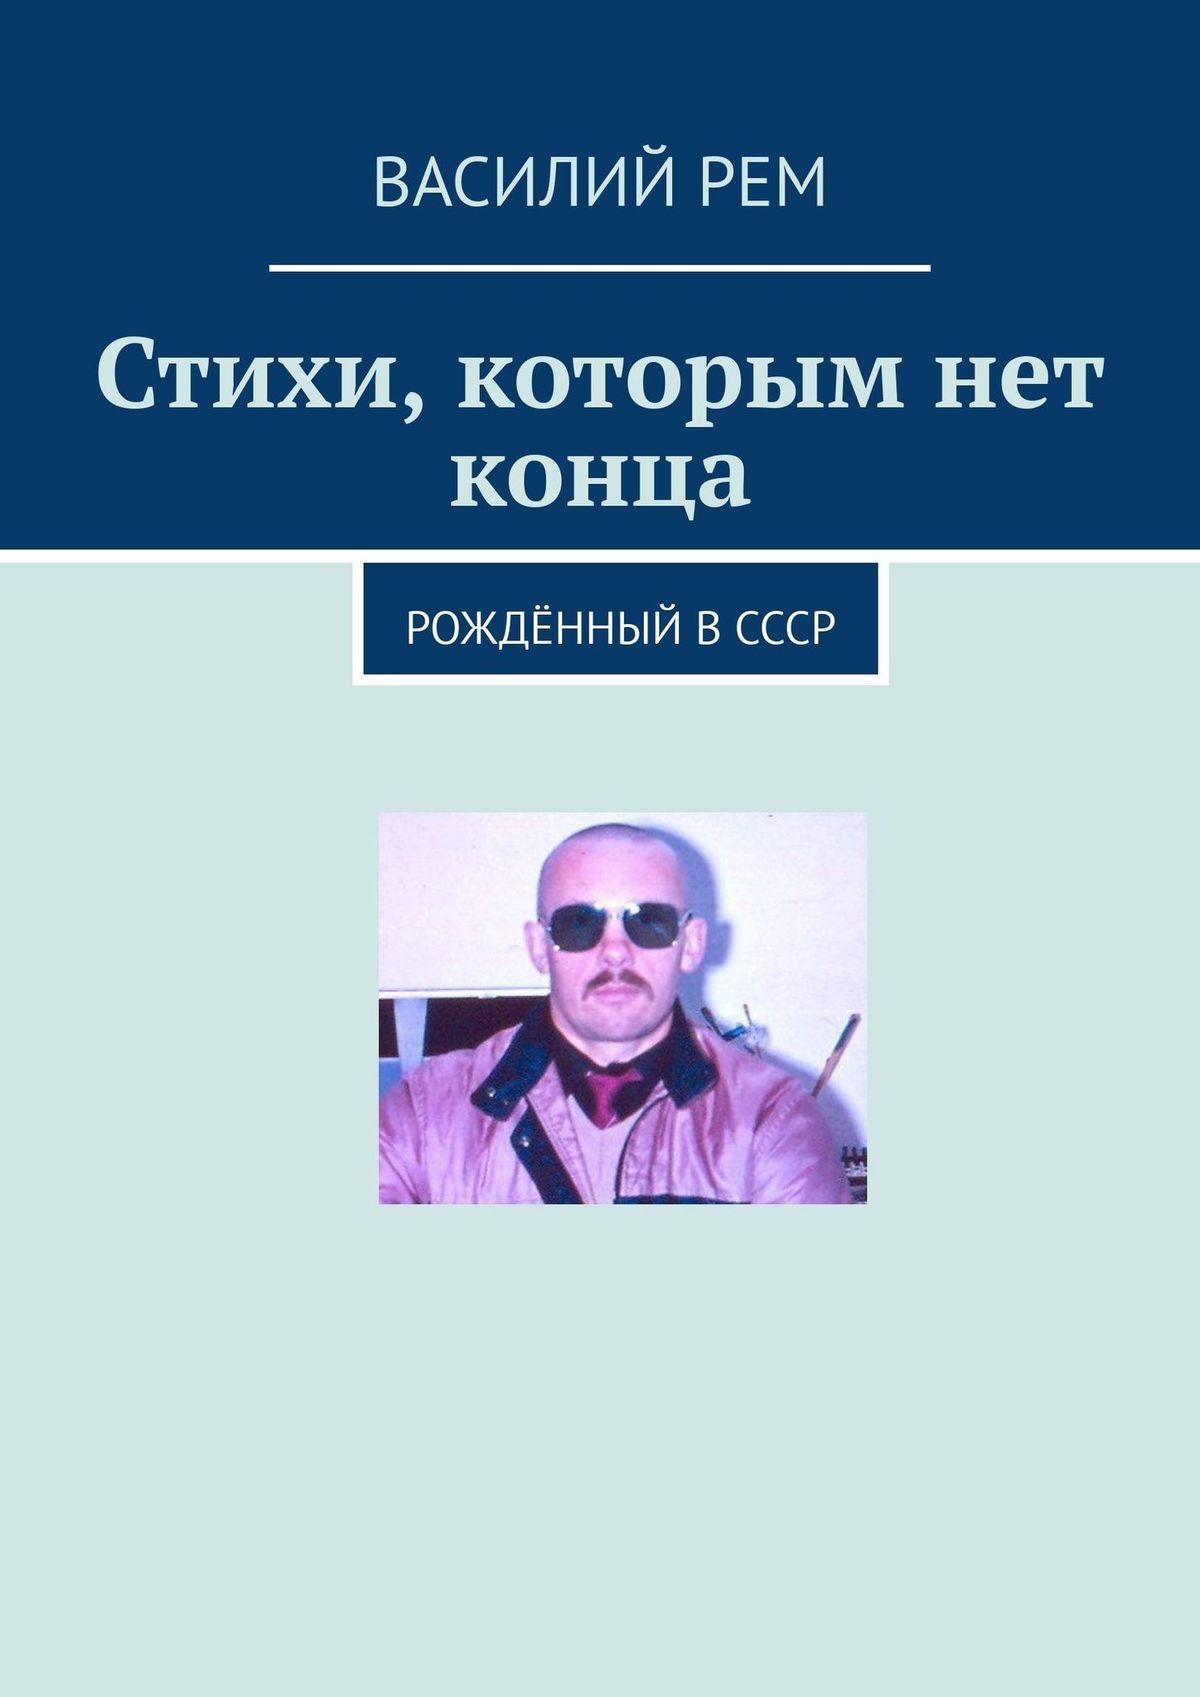 Василий Рем Стихи, которым нет конца. Рождённый вСССР василий рем стихи длявсех рожденный вссср